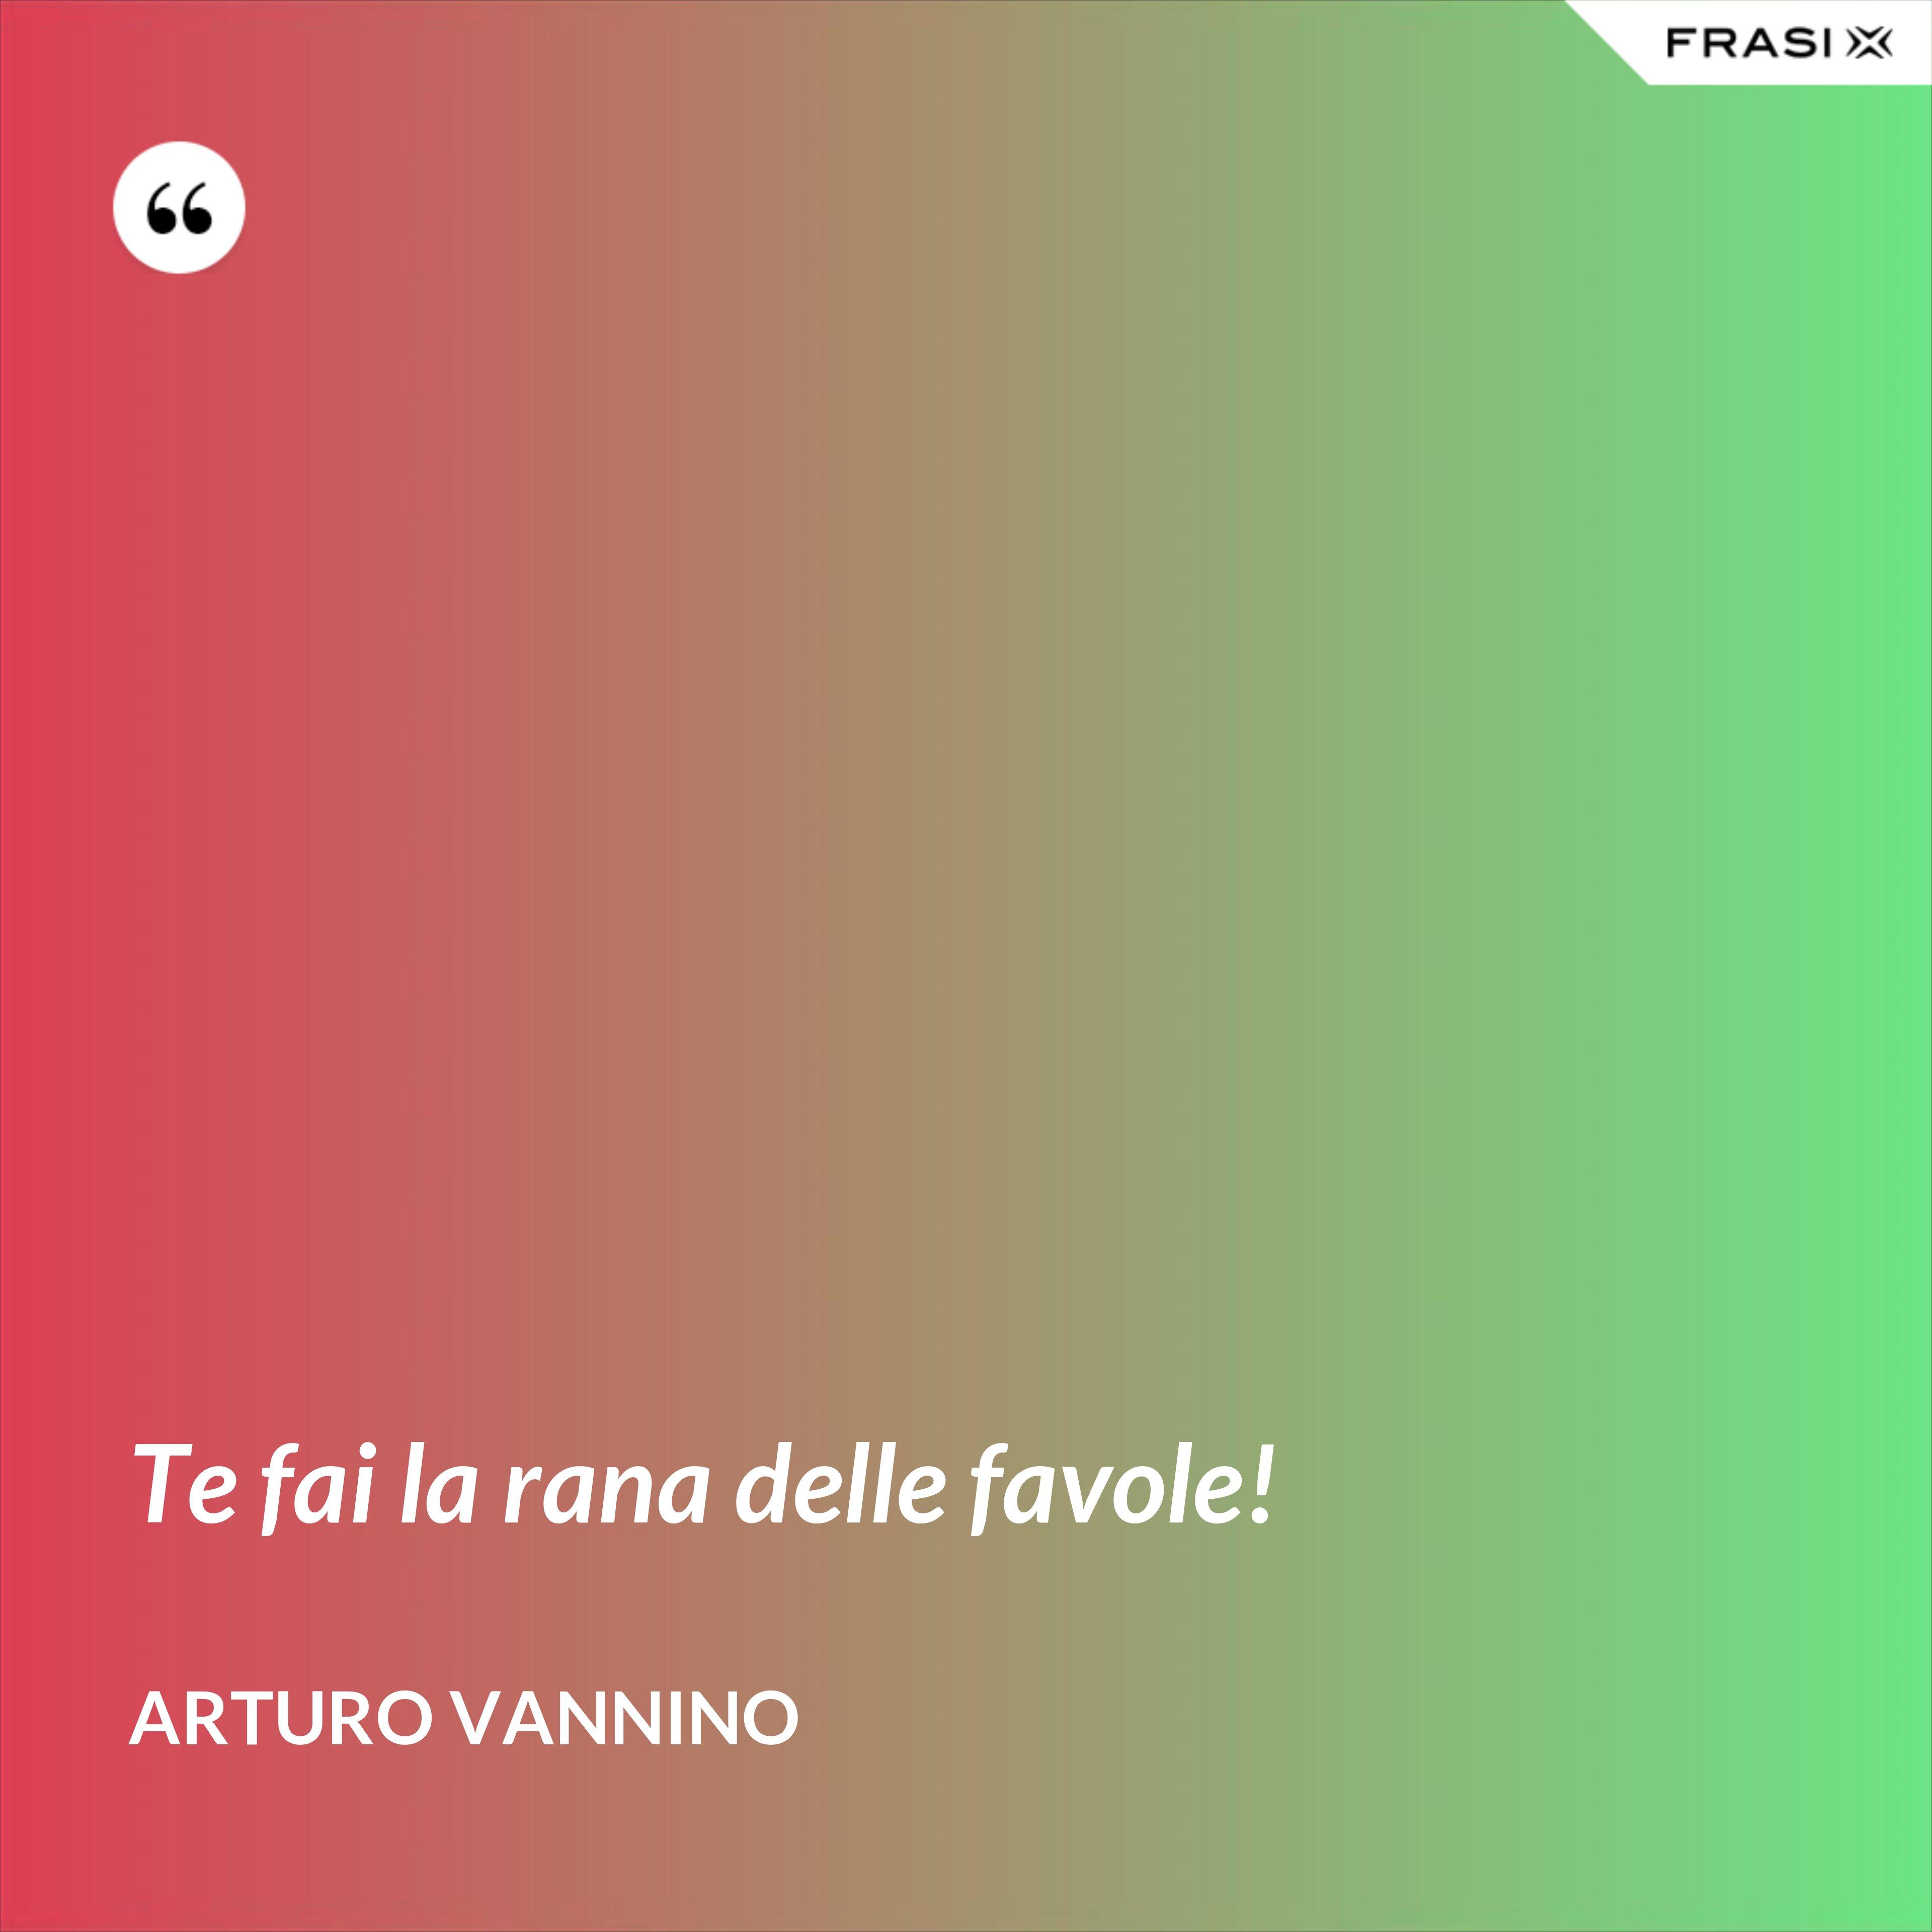 Te fai la rana delle favole! - Arturo Vannino